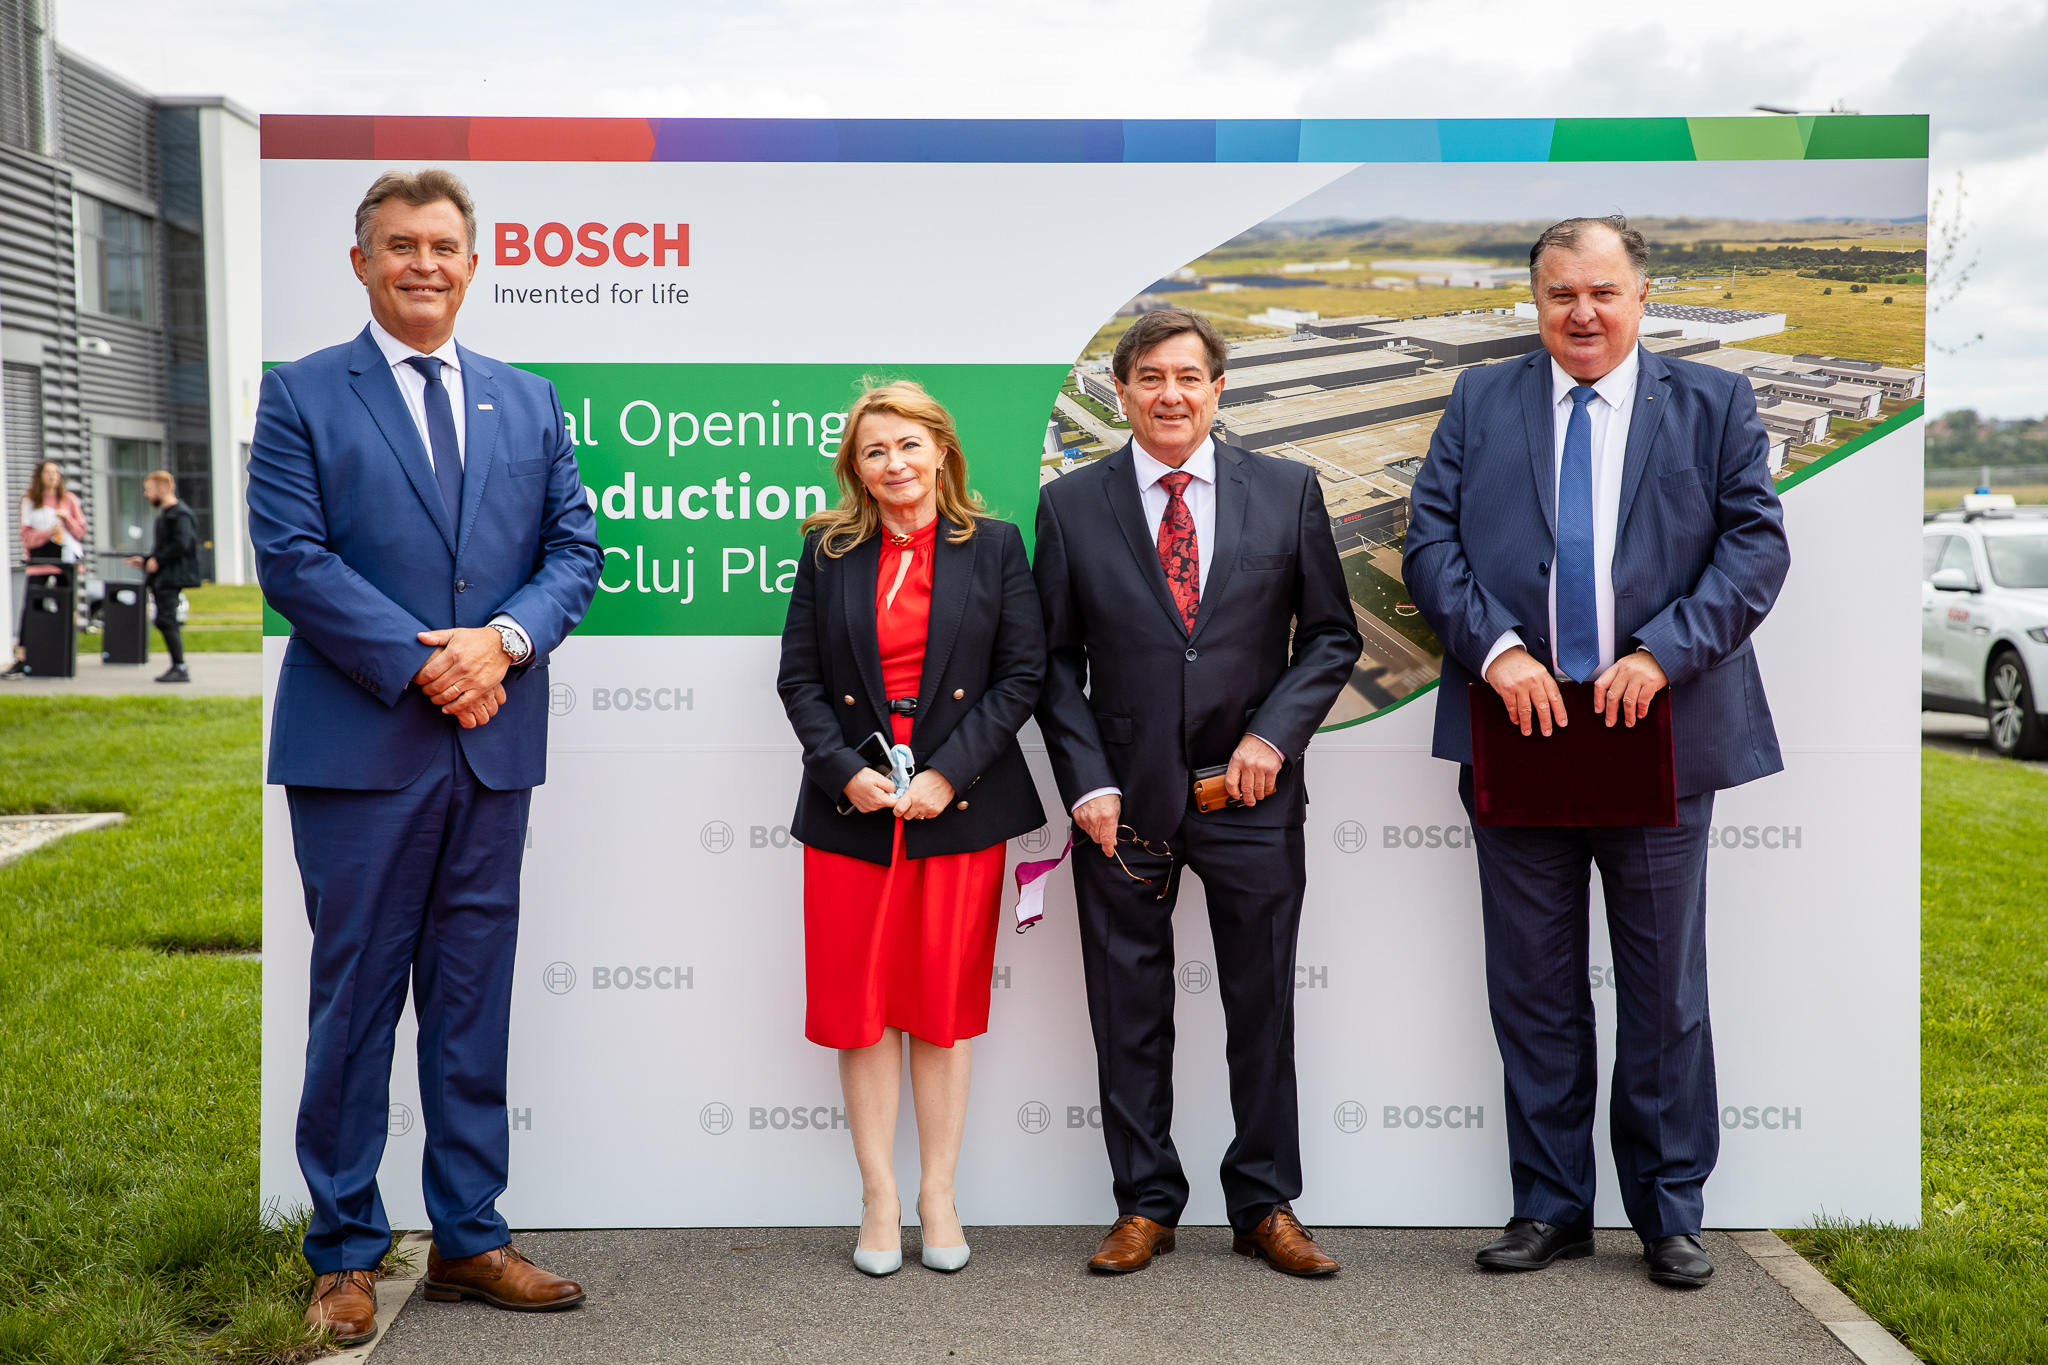 utcn alături de bosch la deschiderea celei de-a treia unități de producție